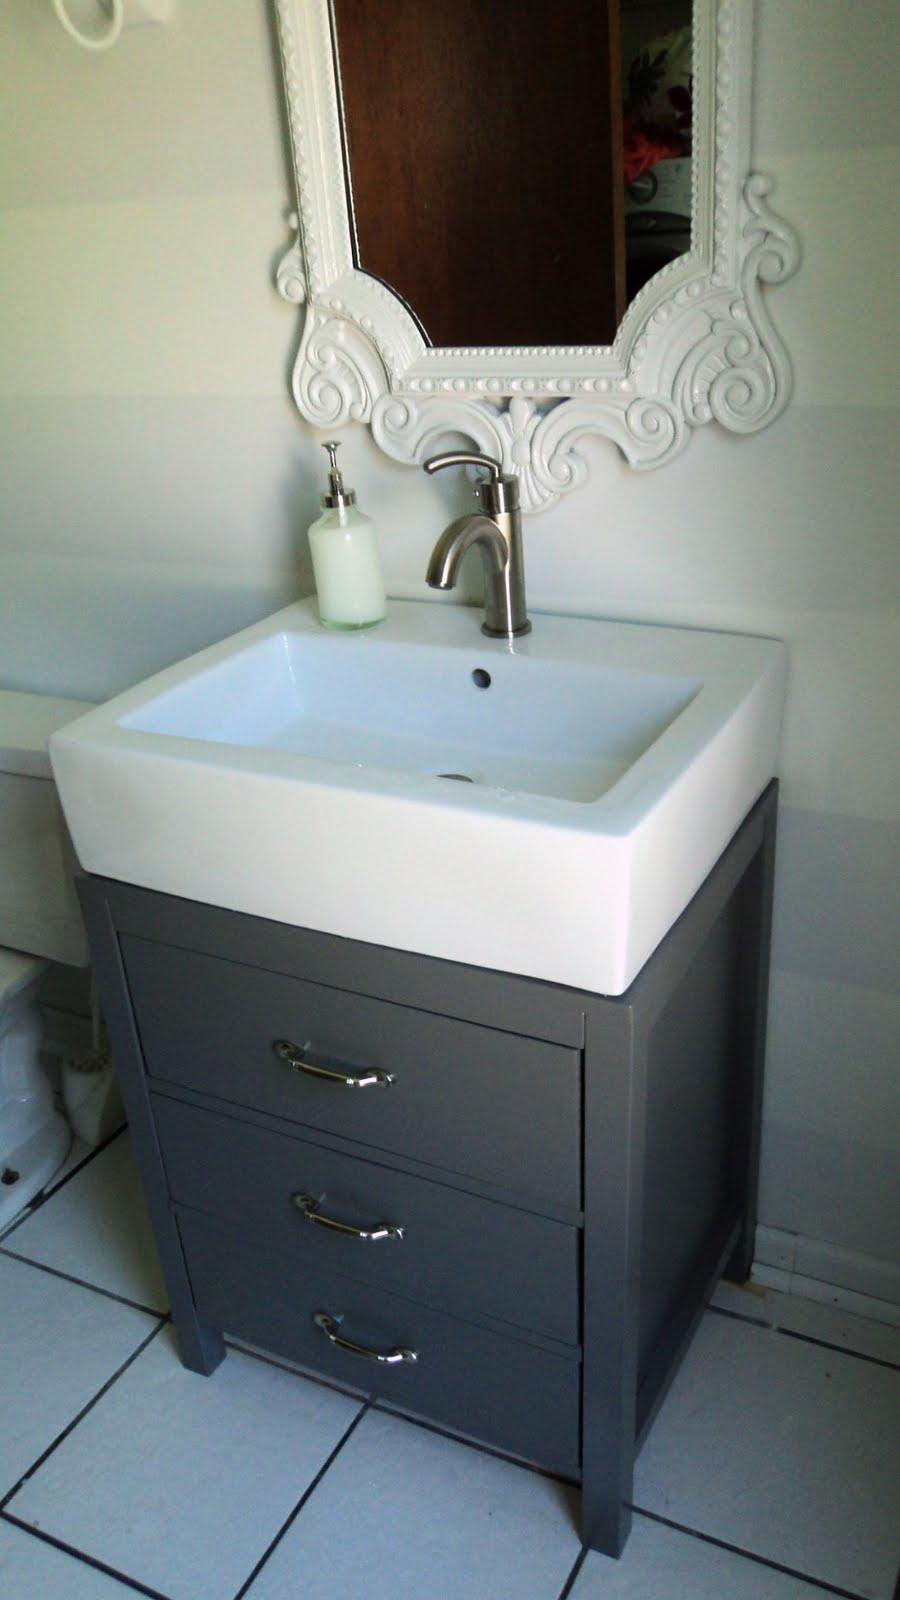 Half Bathroom Vanity Remodelaholic Cute Striped Wall Update For Half Bath